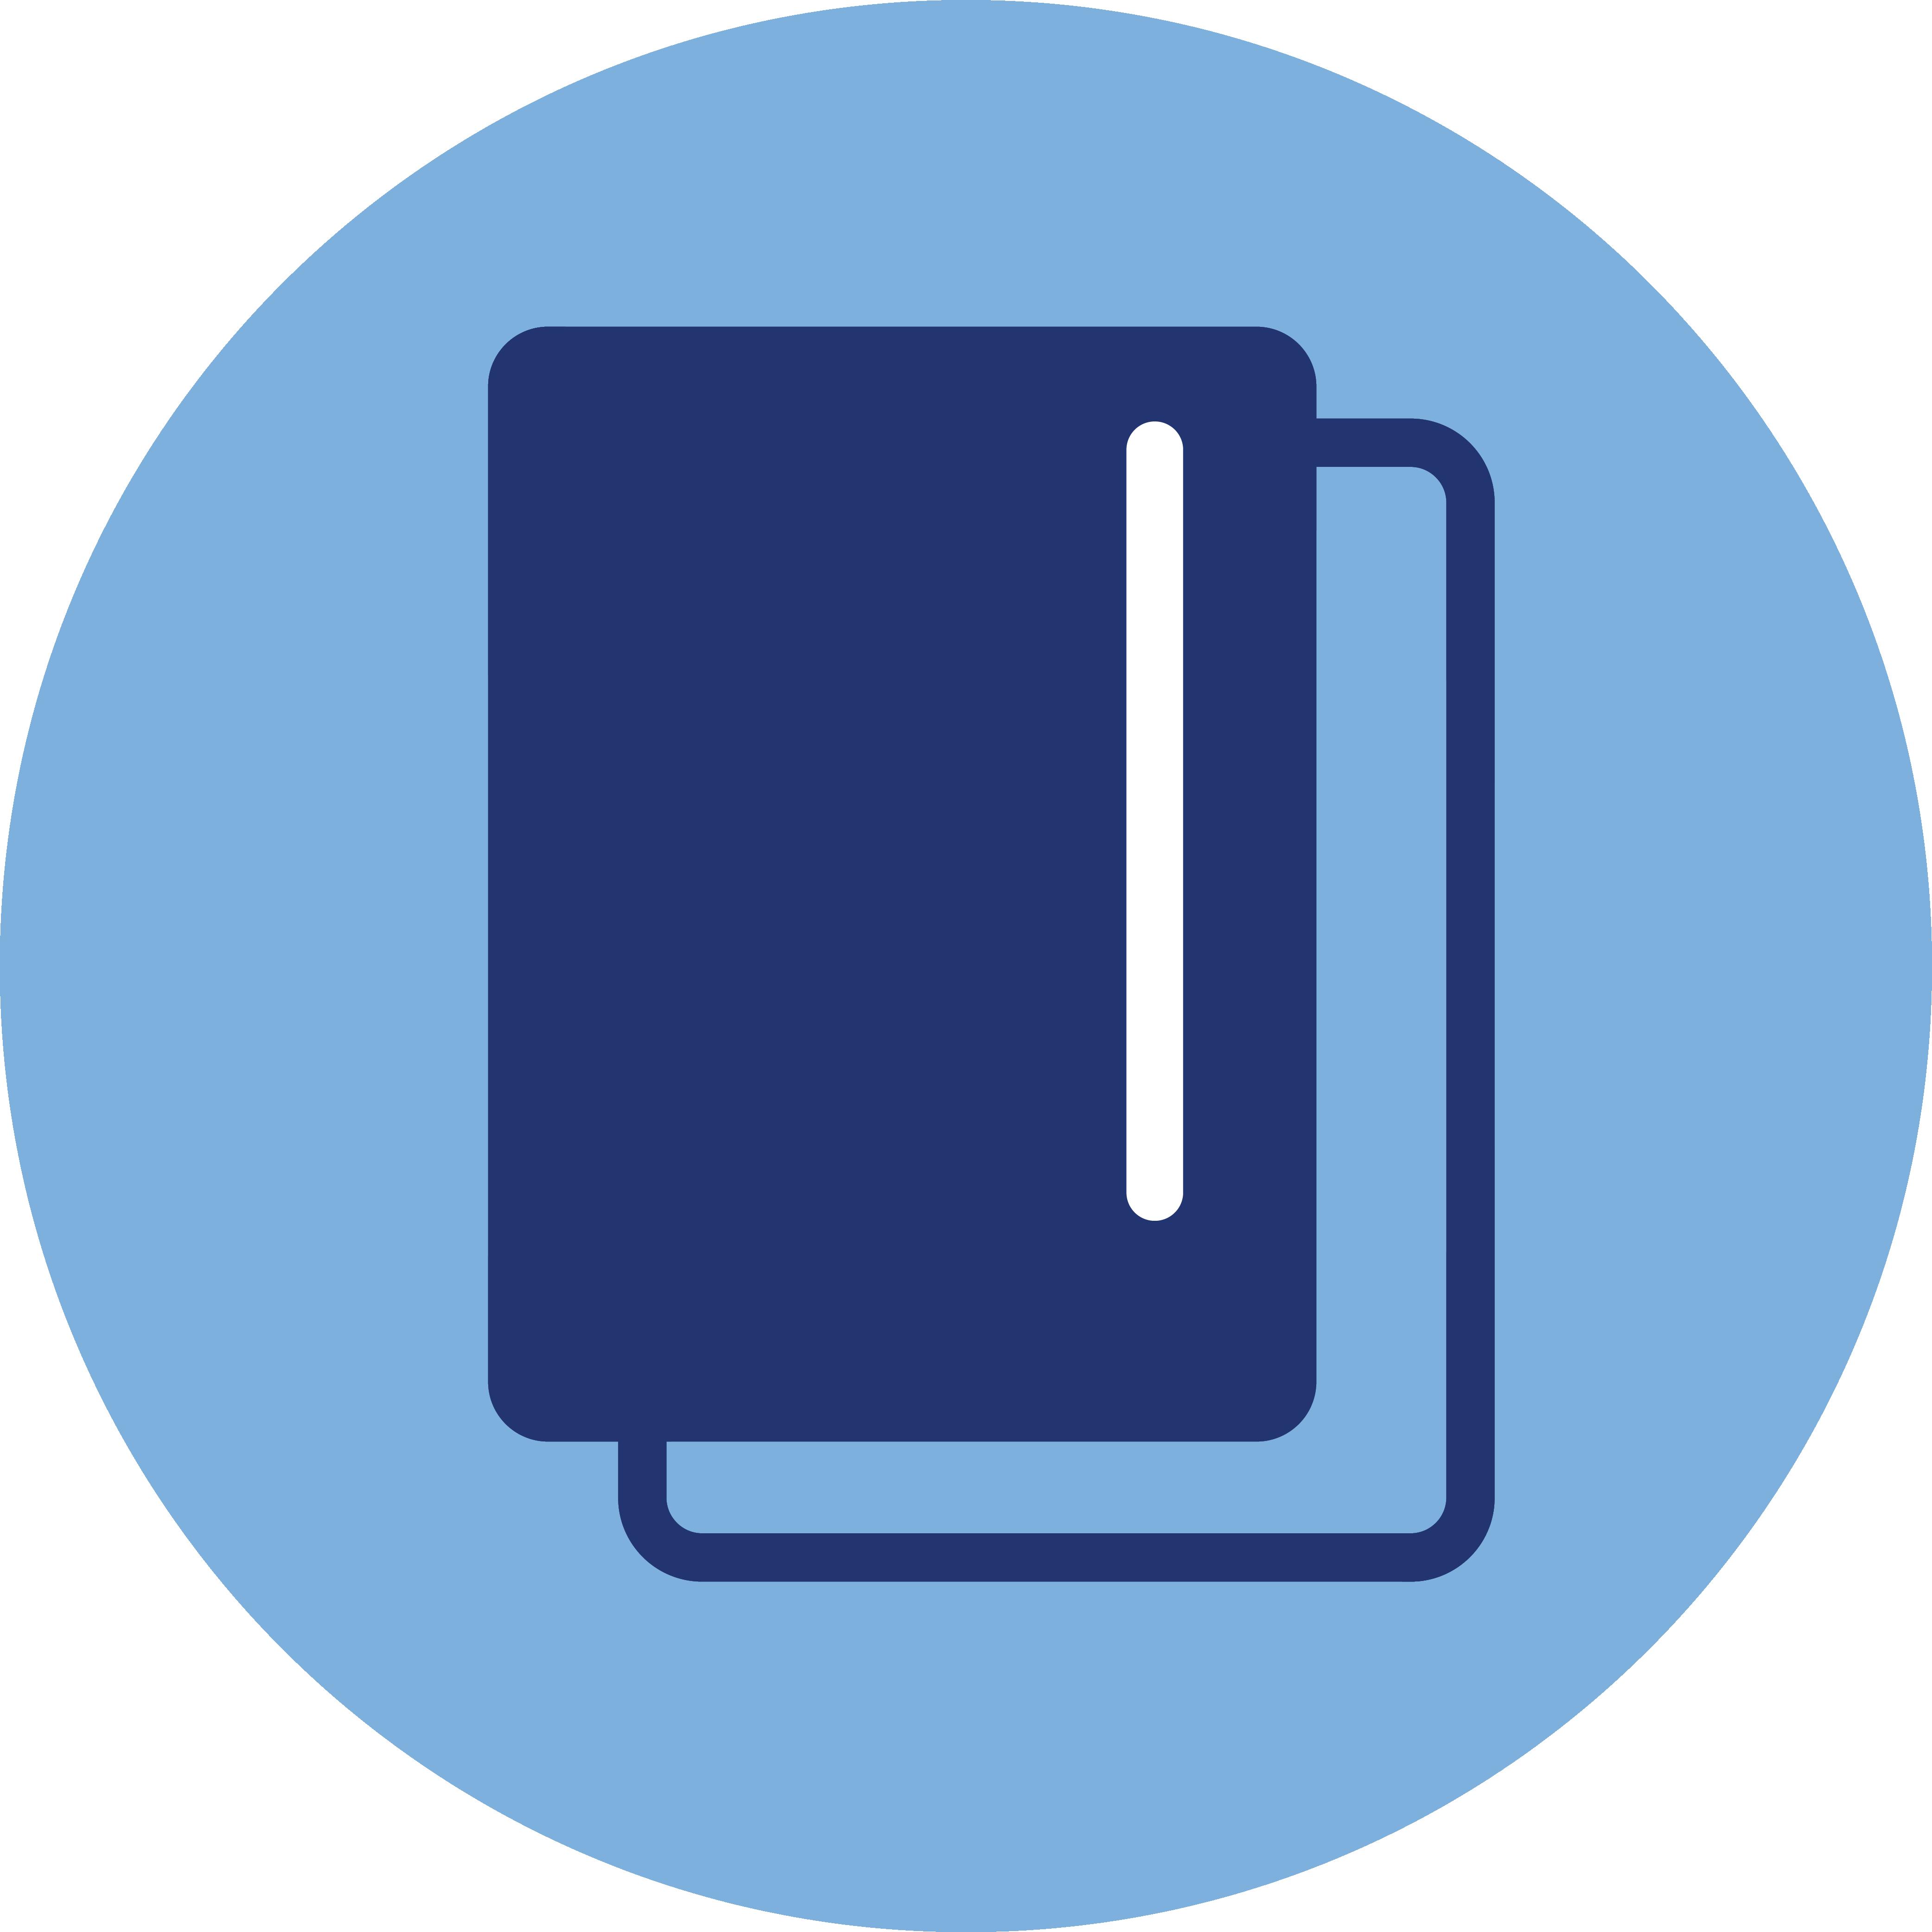 New knowledge logo